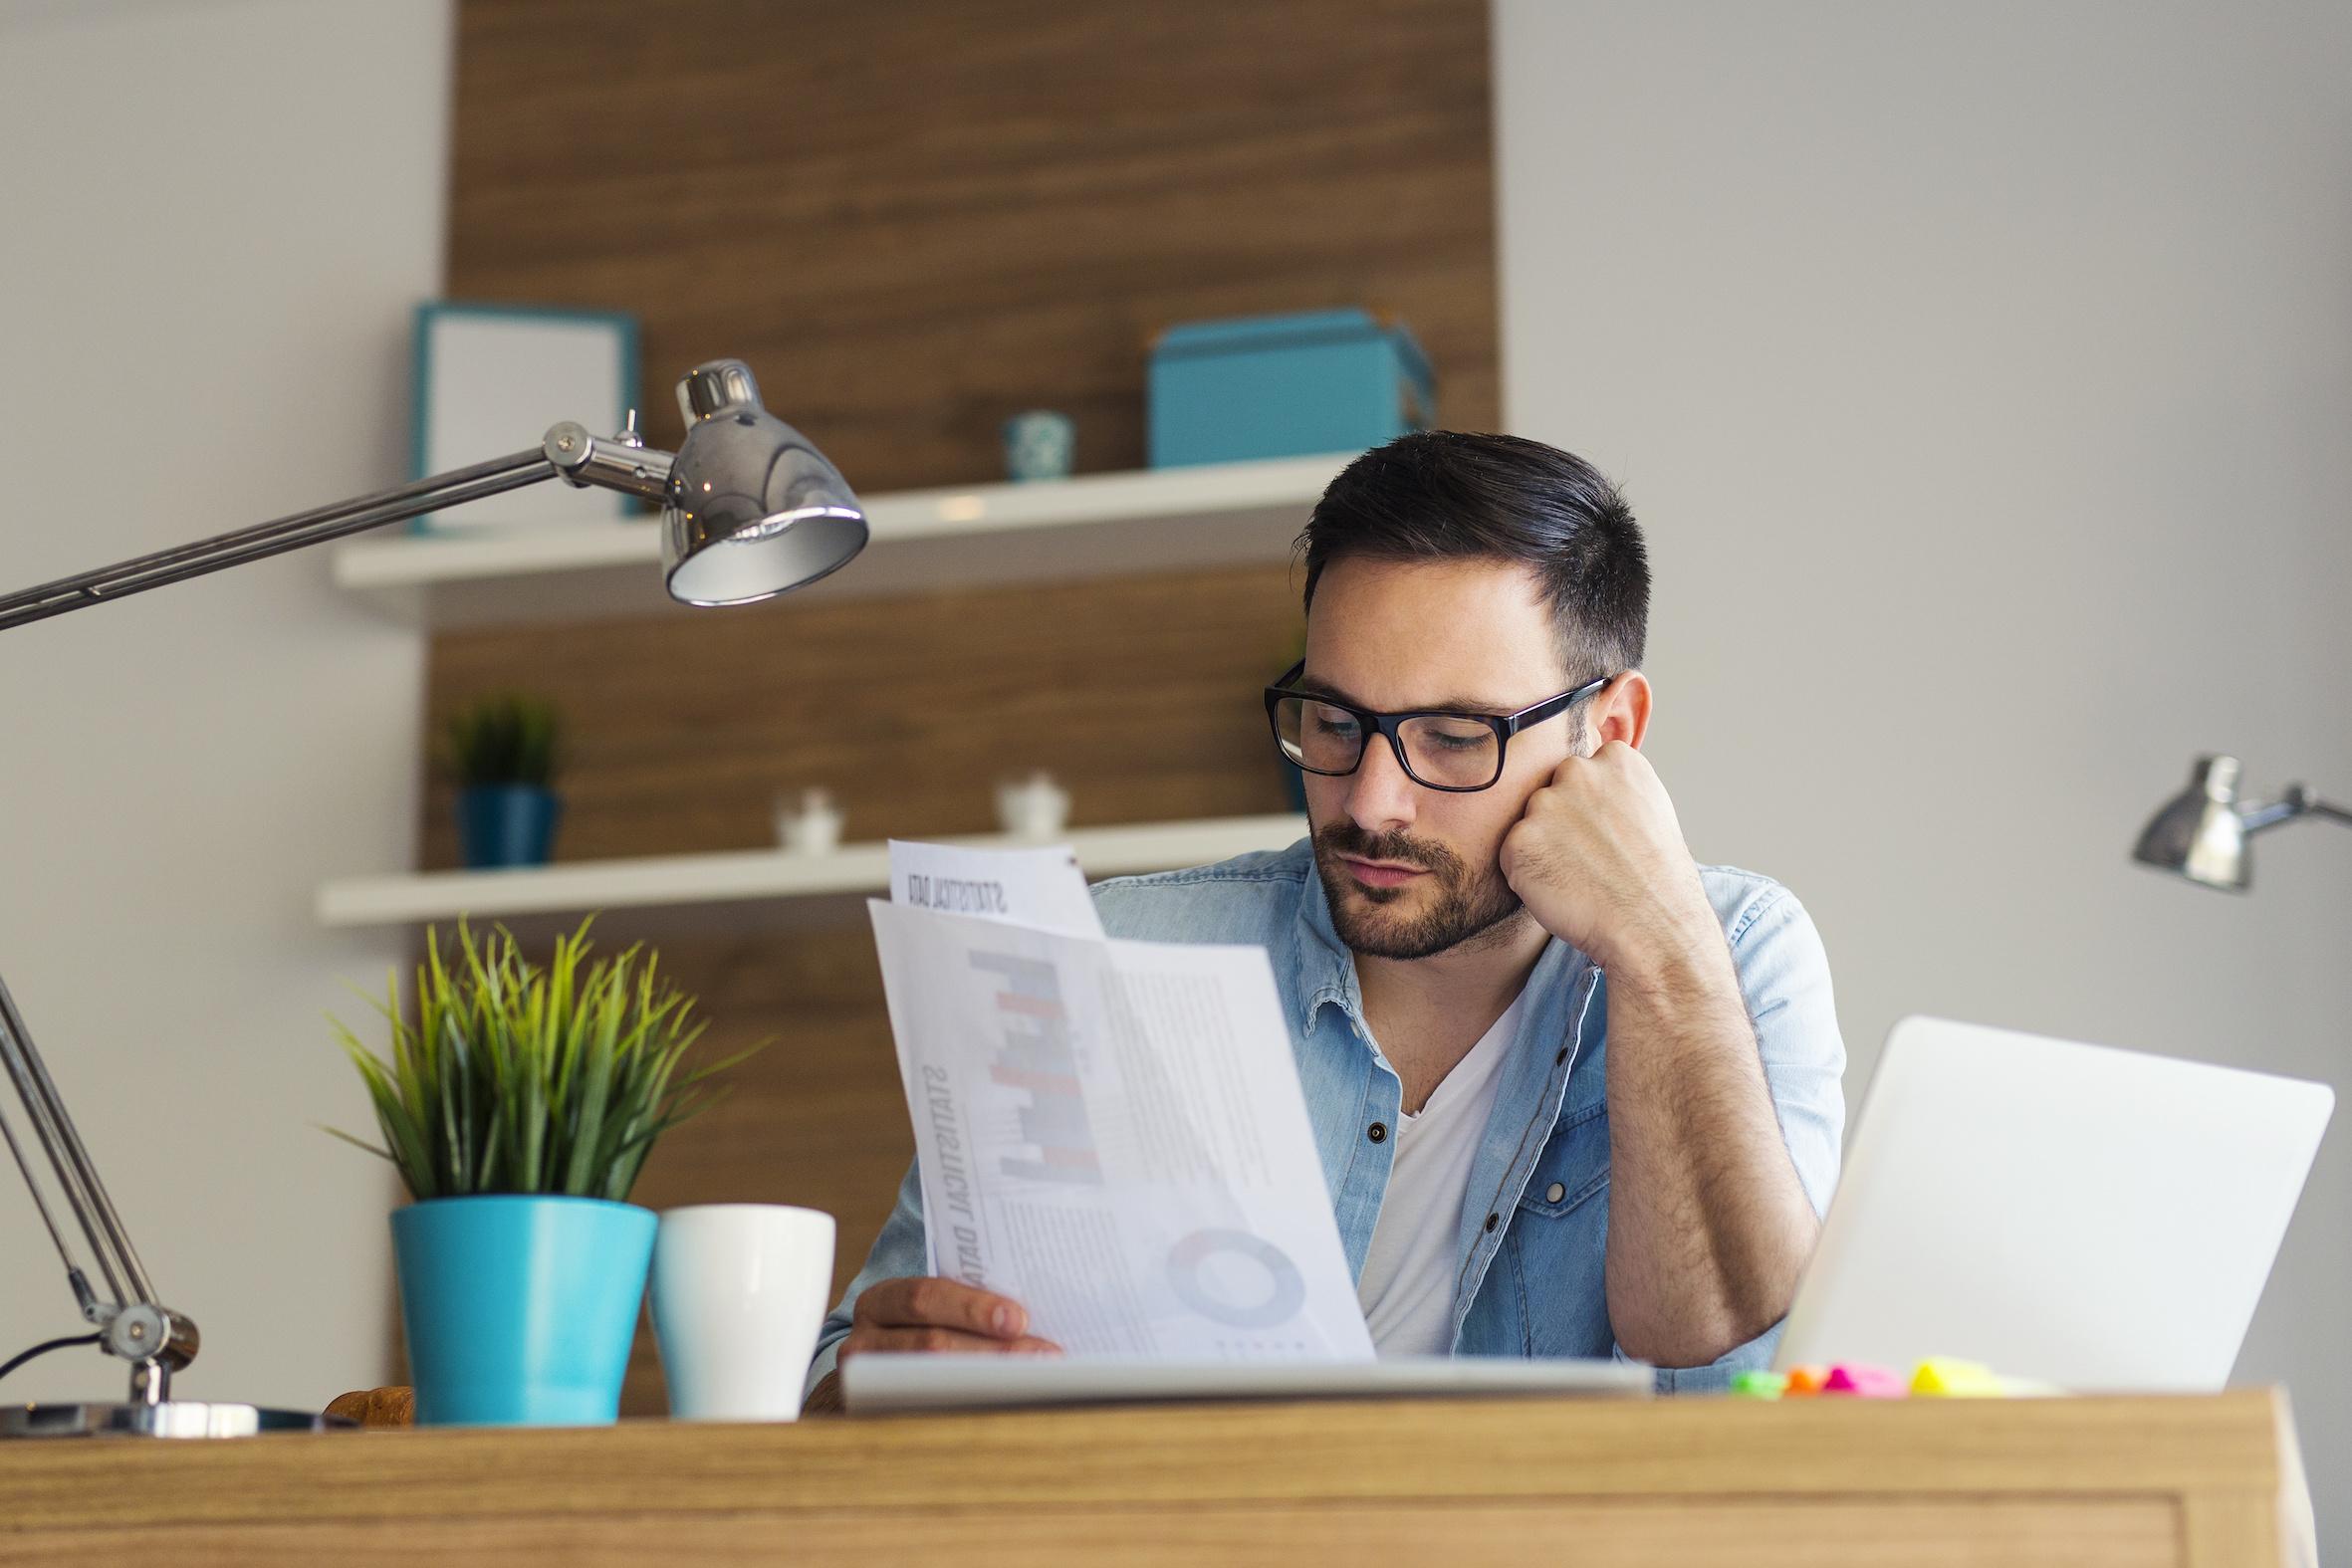 je m ennuie au travail 5 conseils pour en sortir blog cap coh rence. Black Bedroom Furniture Sets. Home Design Ideas